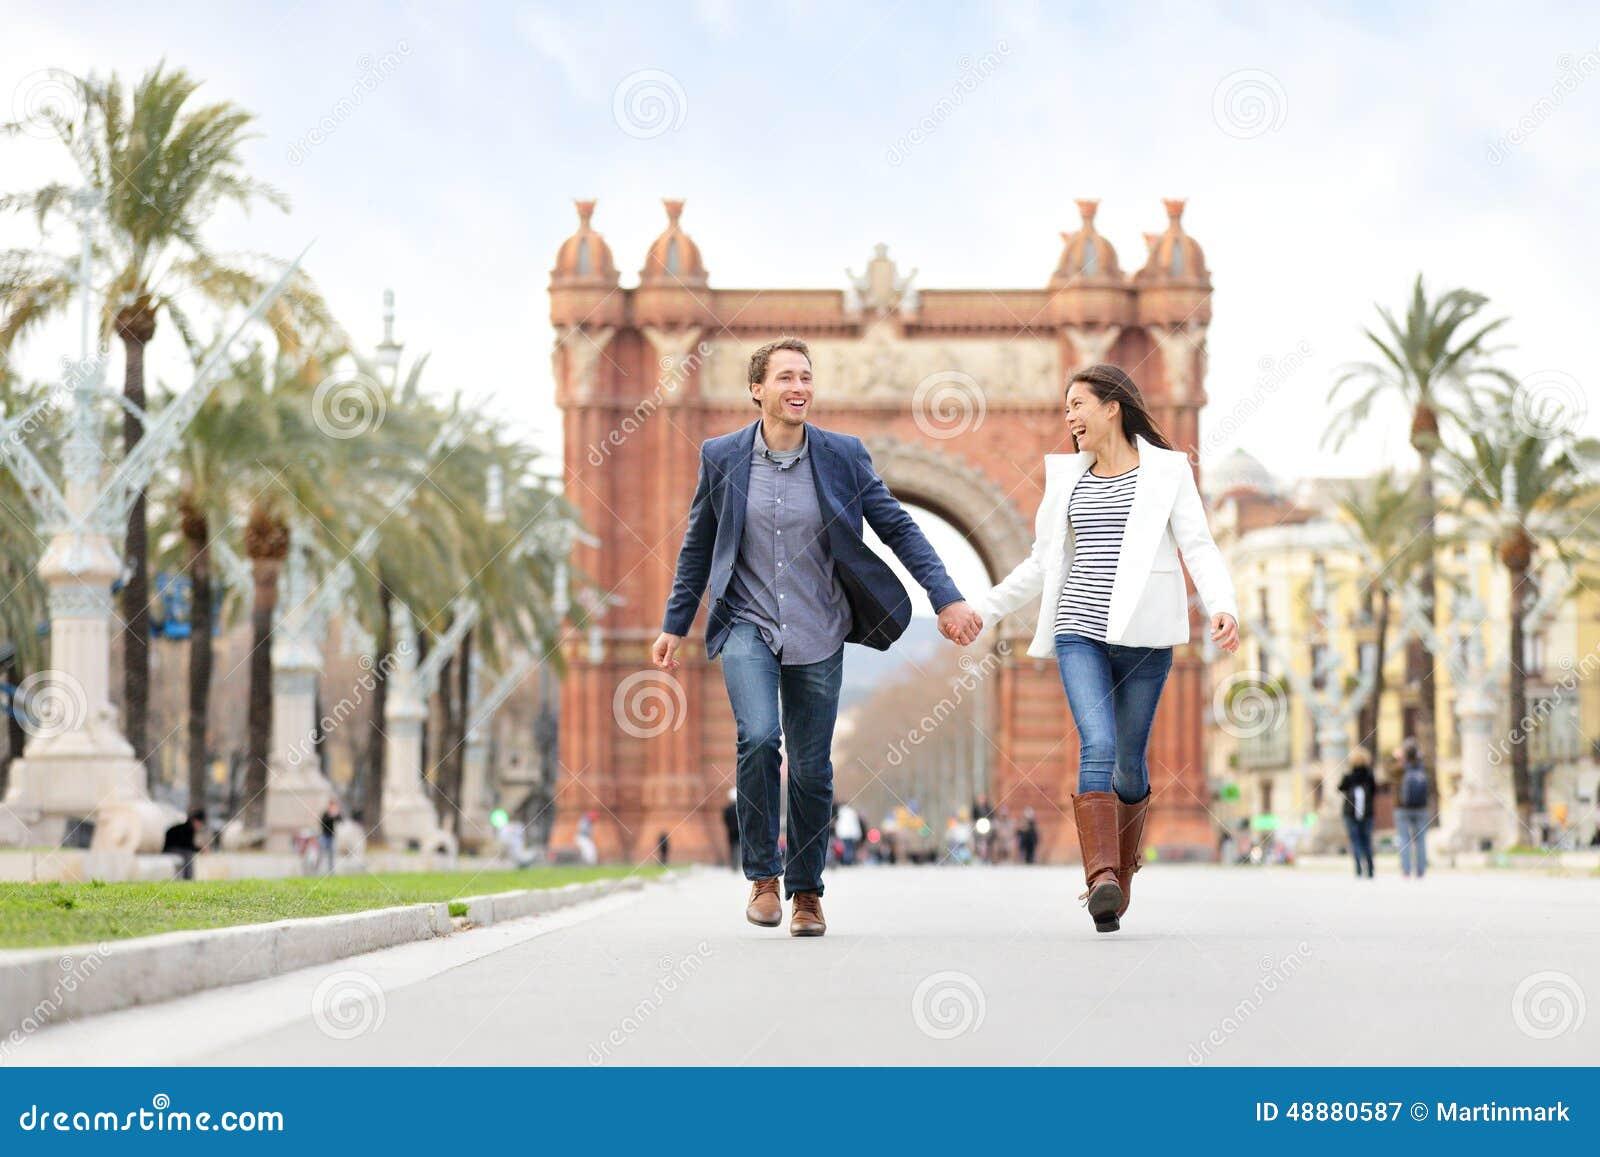 dating en barcelona